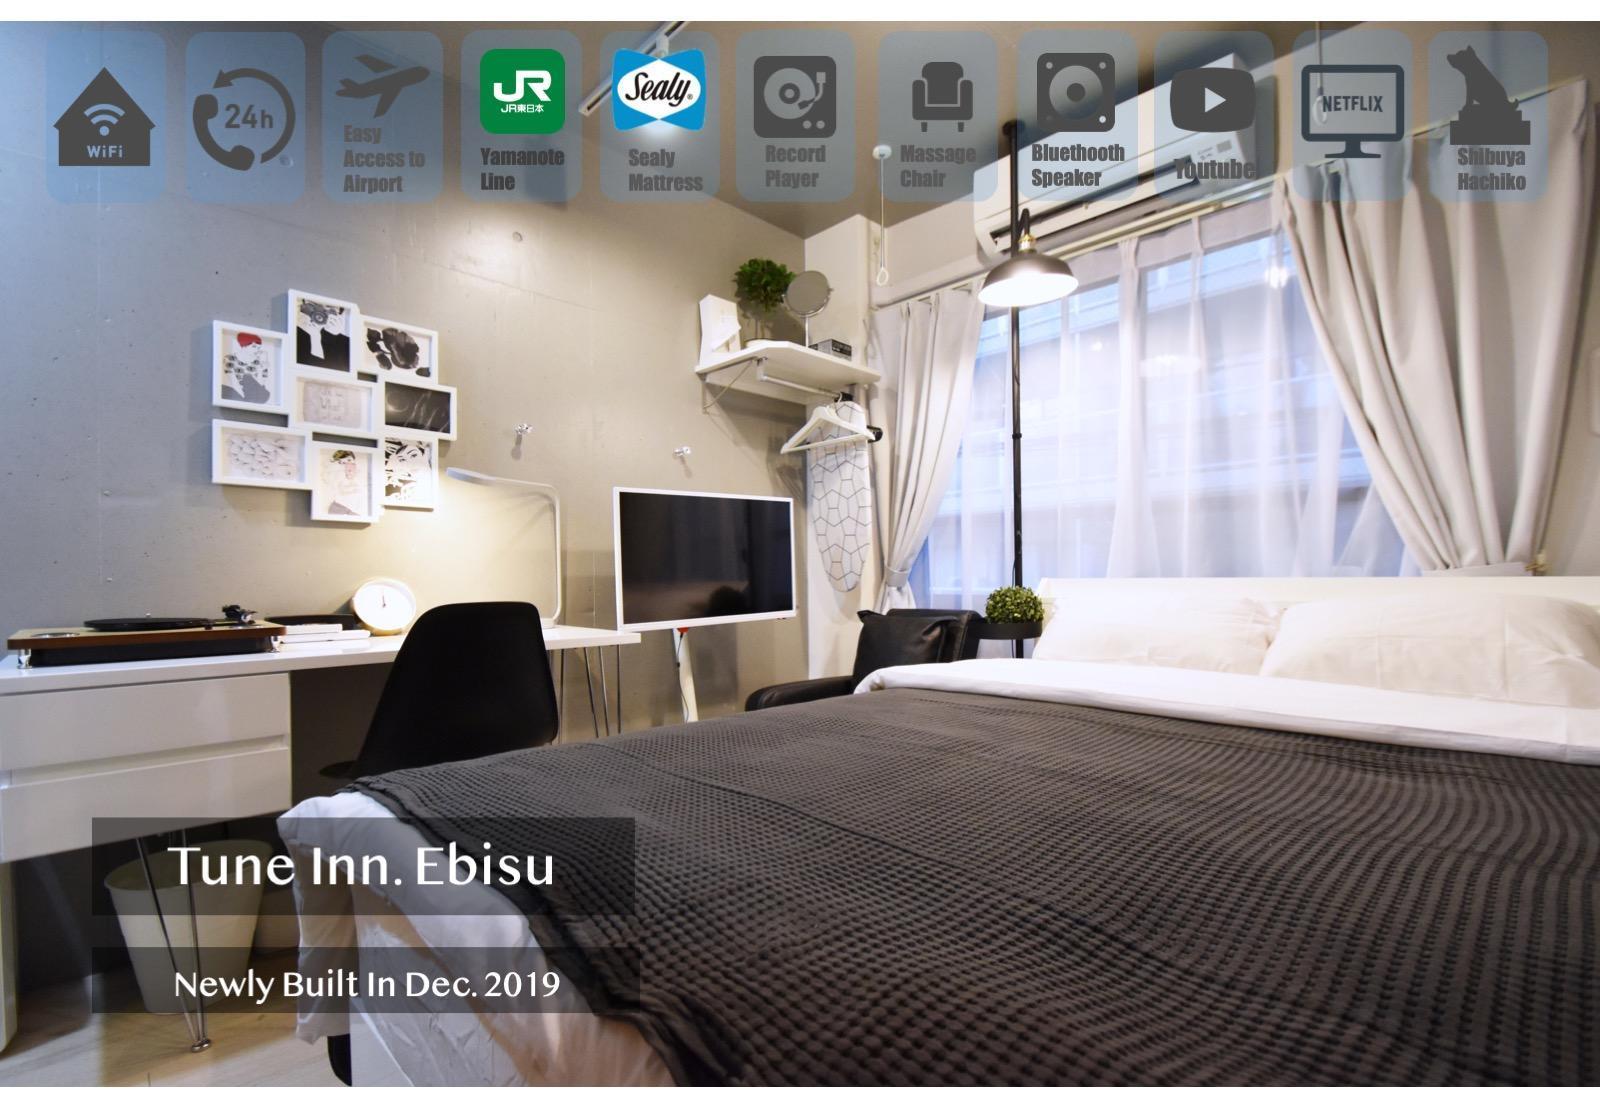 Tune Inn. Ebisu  2